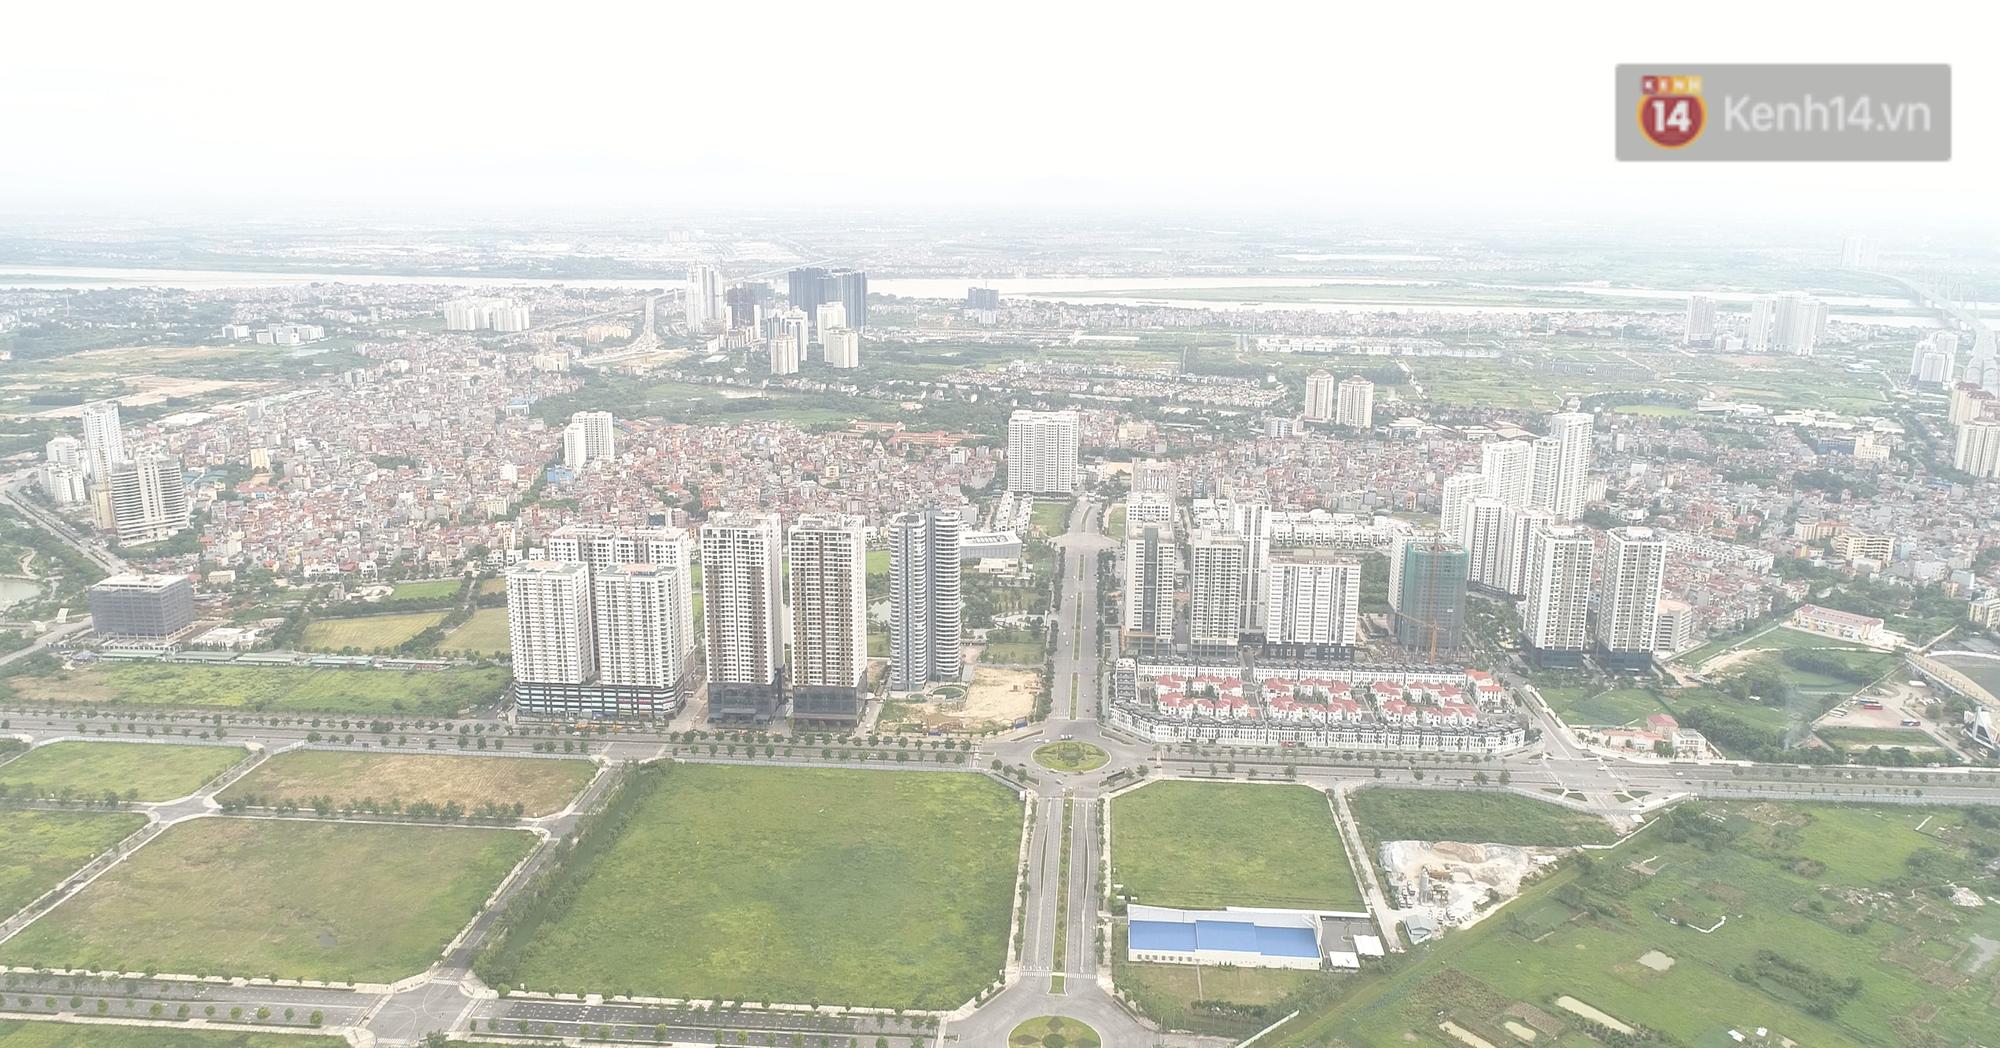 Clip, ảnh: Toàn cảnh tuyến đường mới với 8 làn xe, mạch xương sống nối liền 3 quận ở Hà Nội - Ảnh 3.